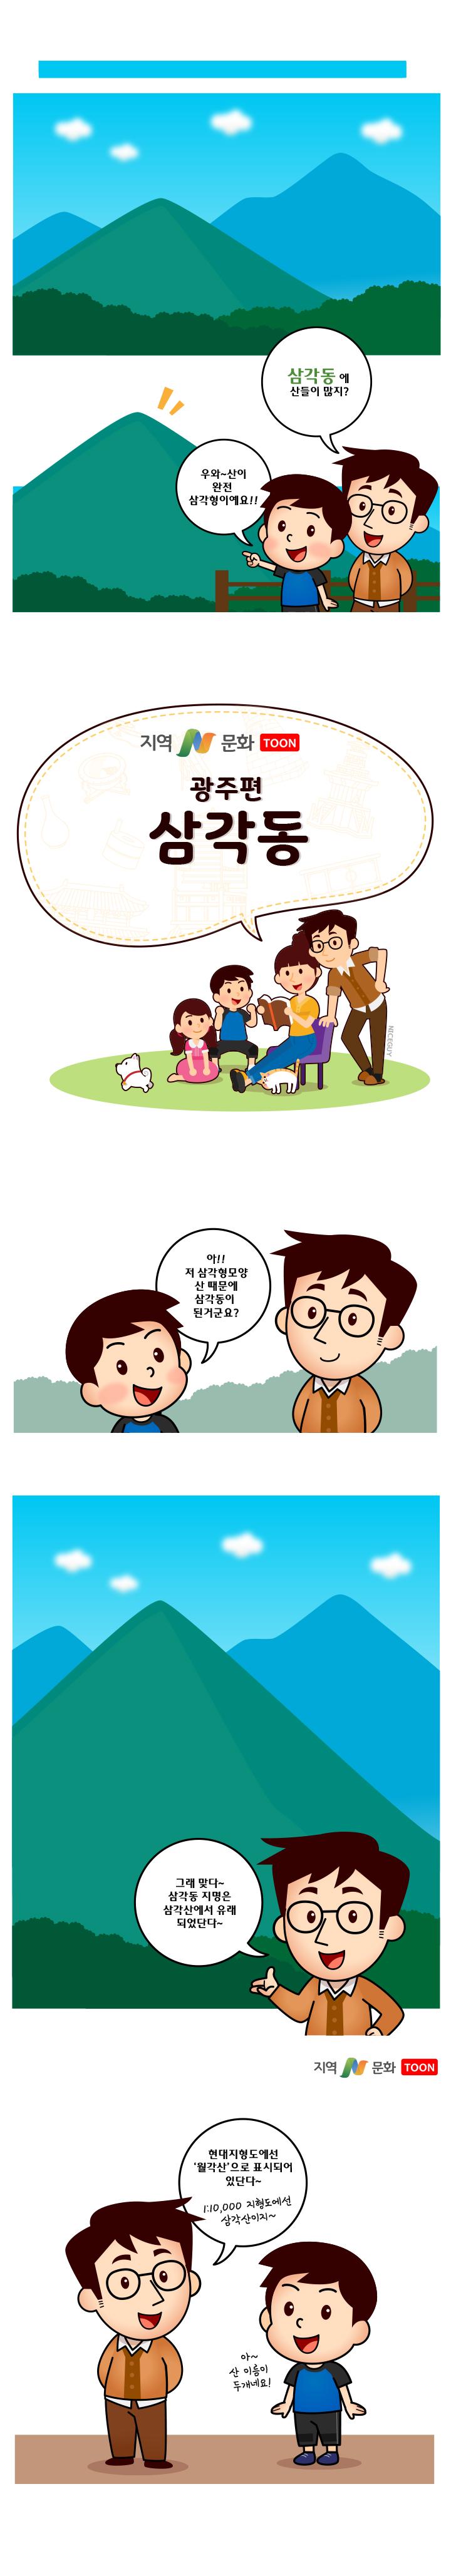 광주광역시 북구 삼각동의 지명유래는 삼각산에서 유래되었다.